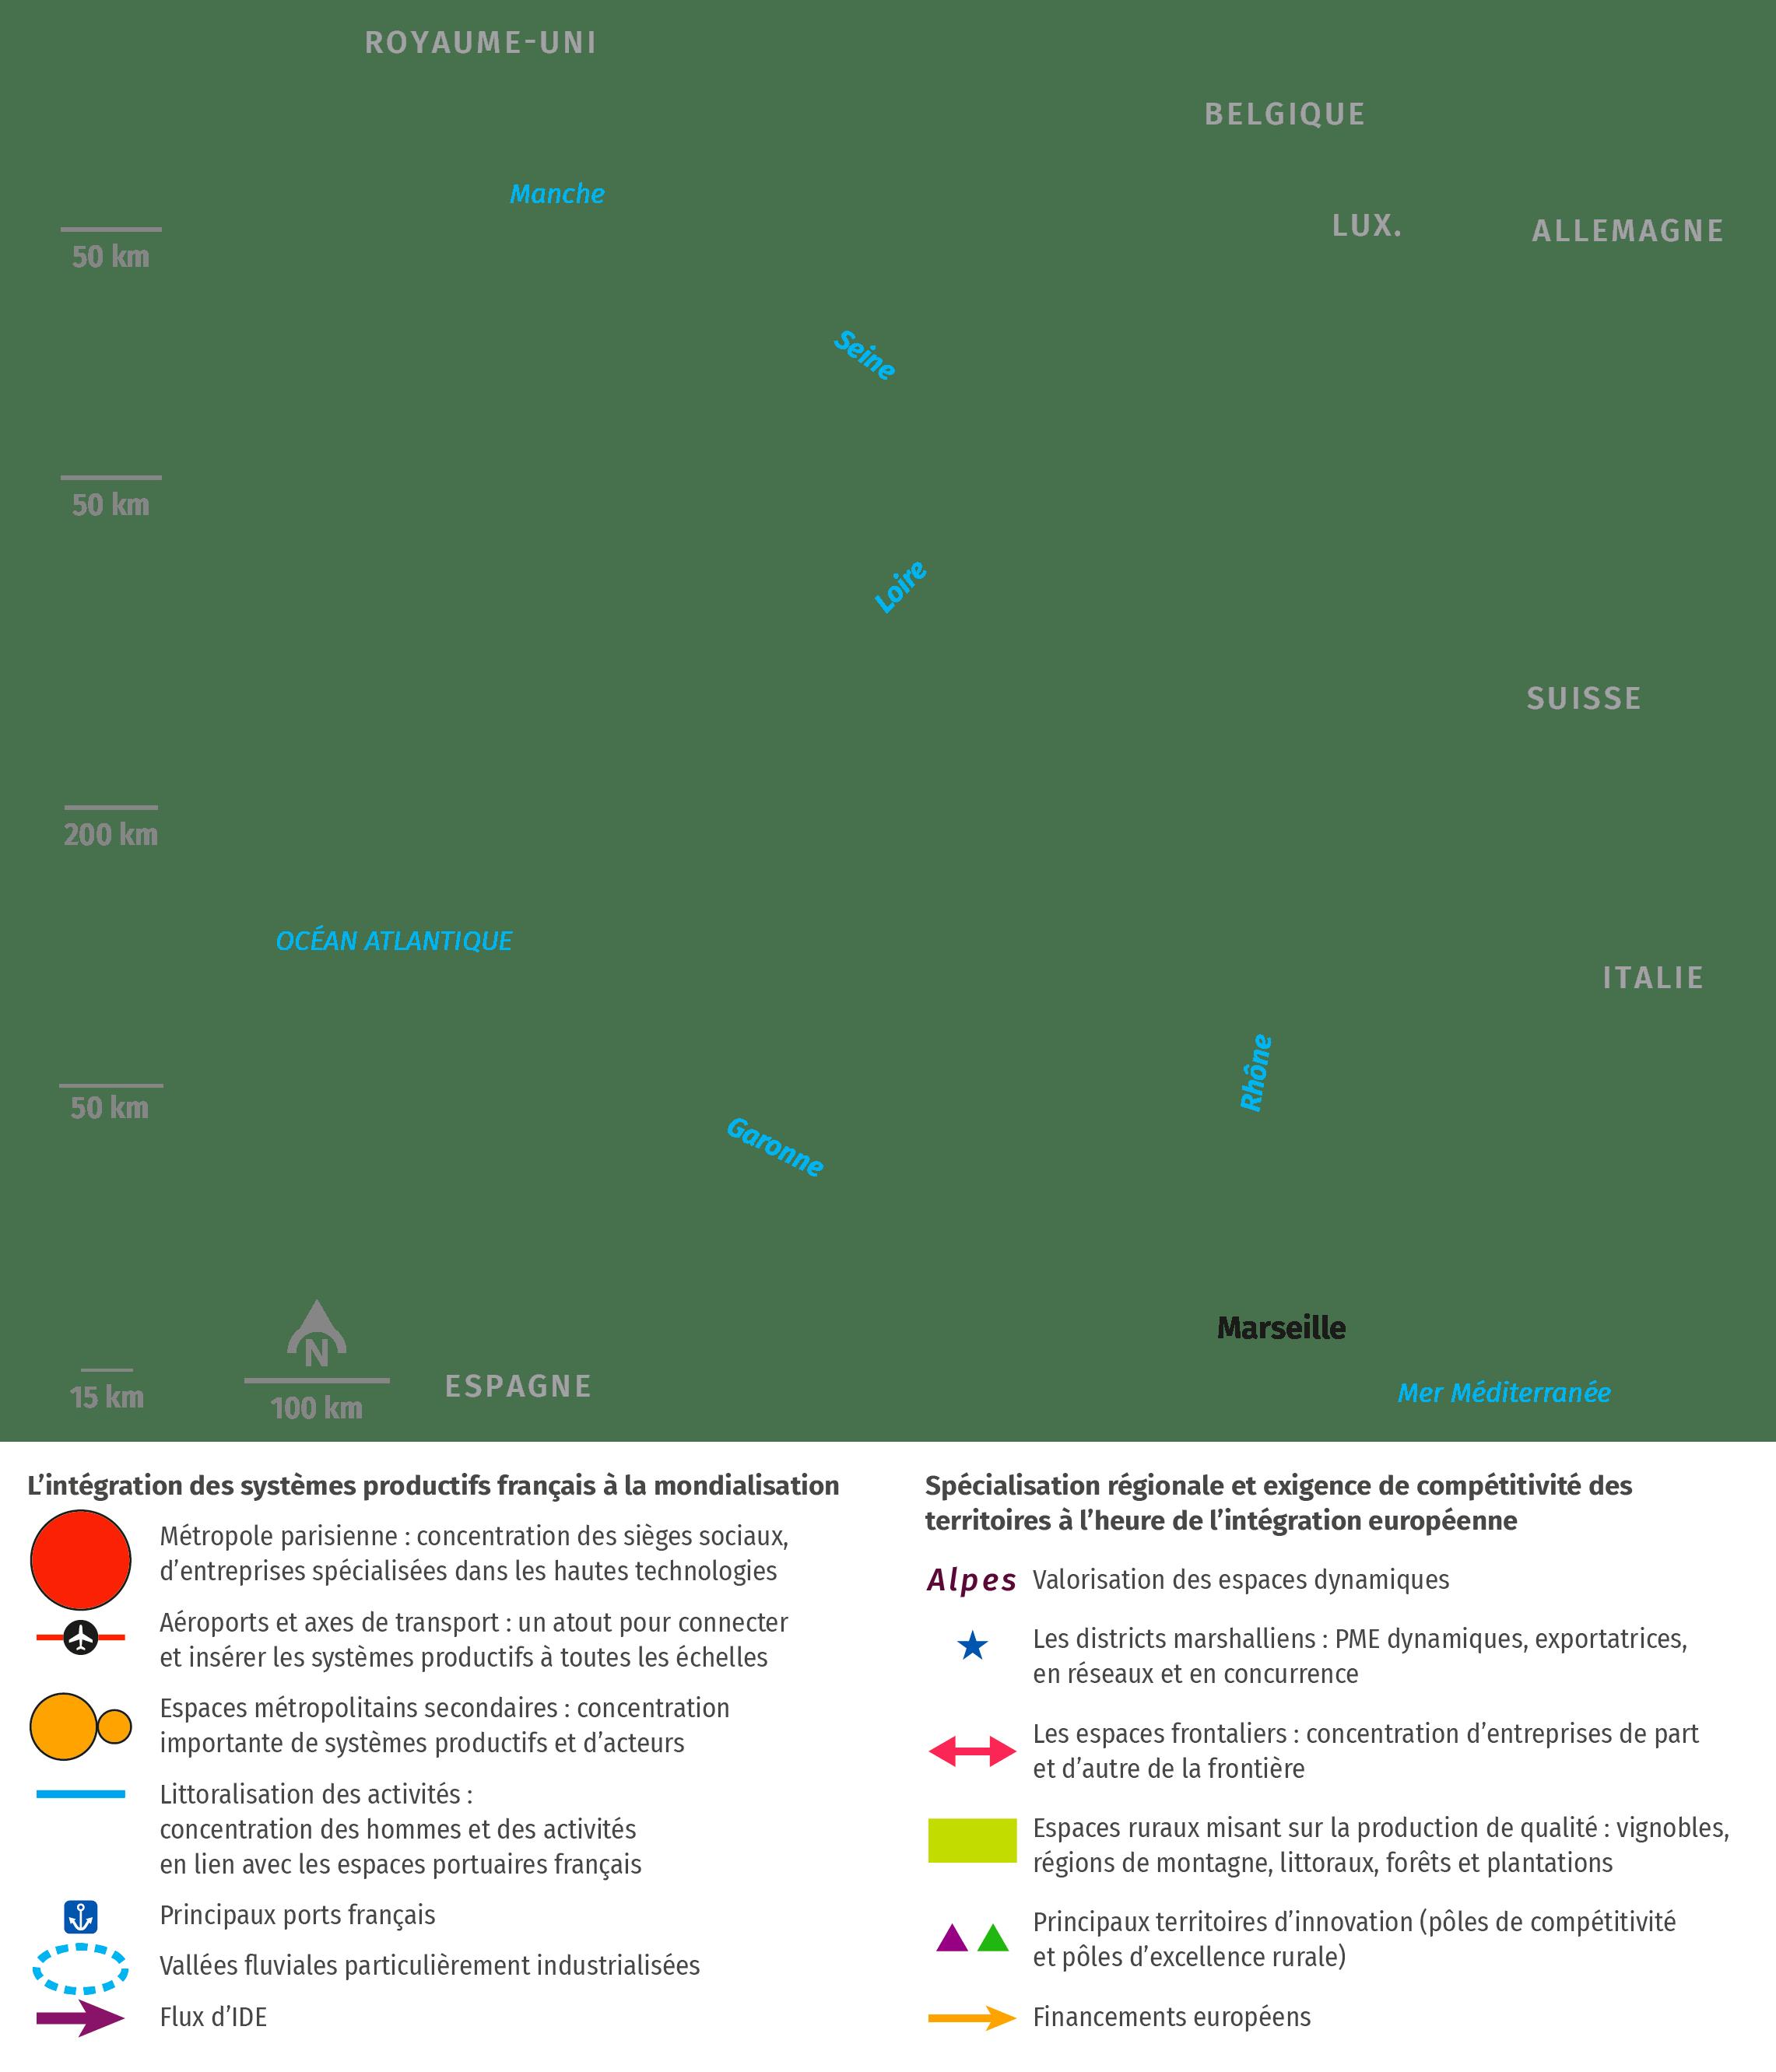 Fond de carte (texte)